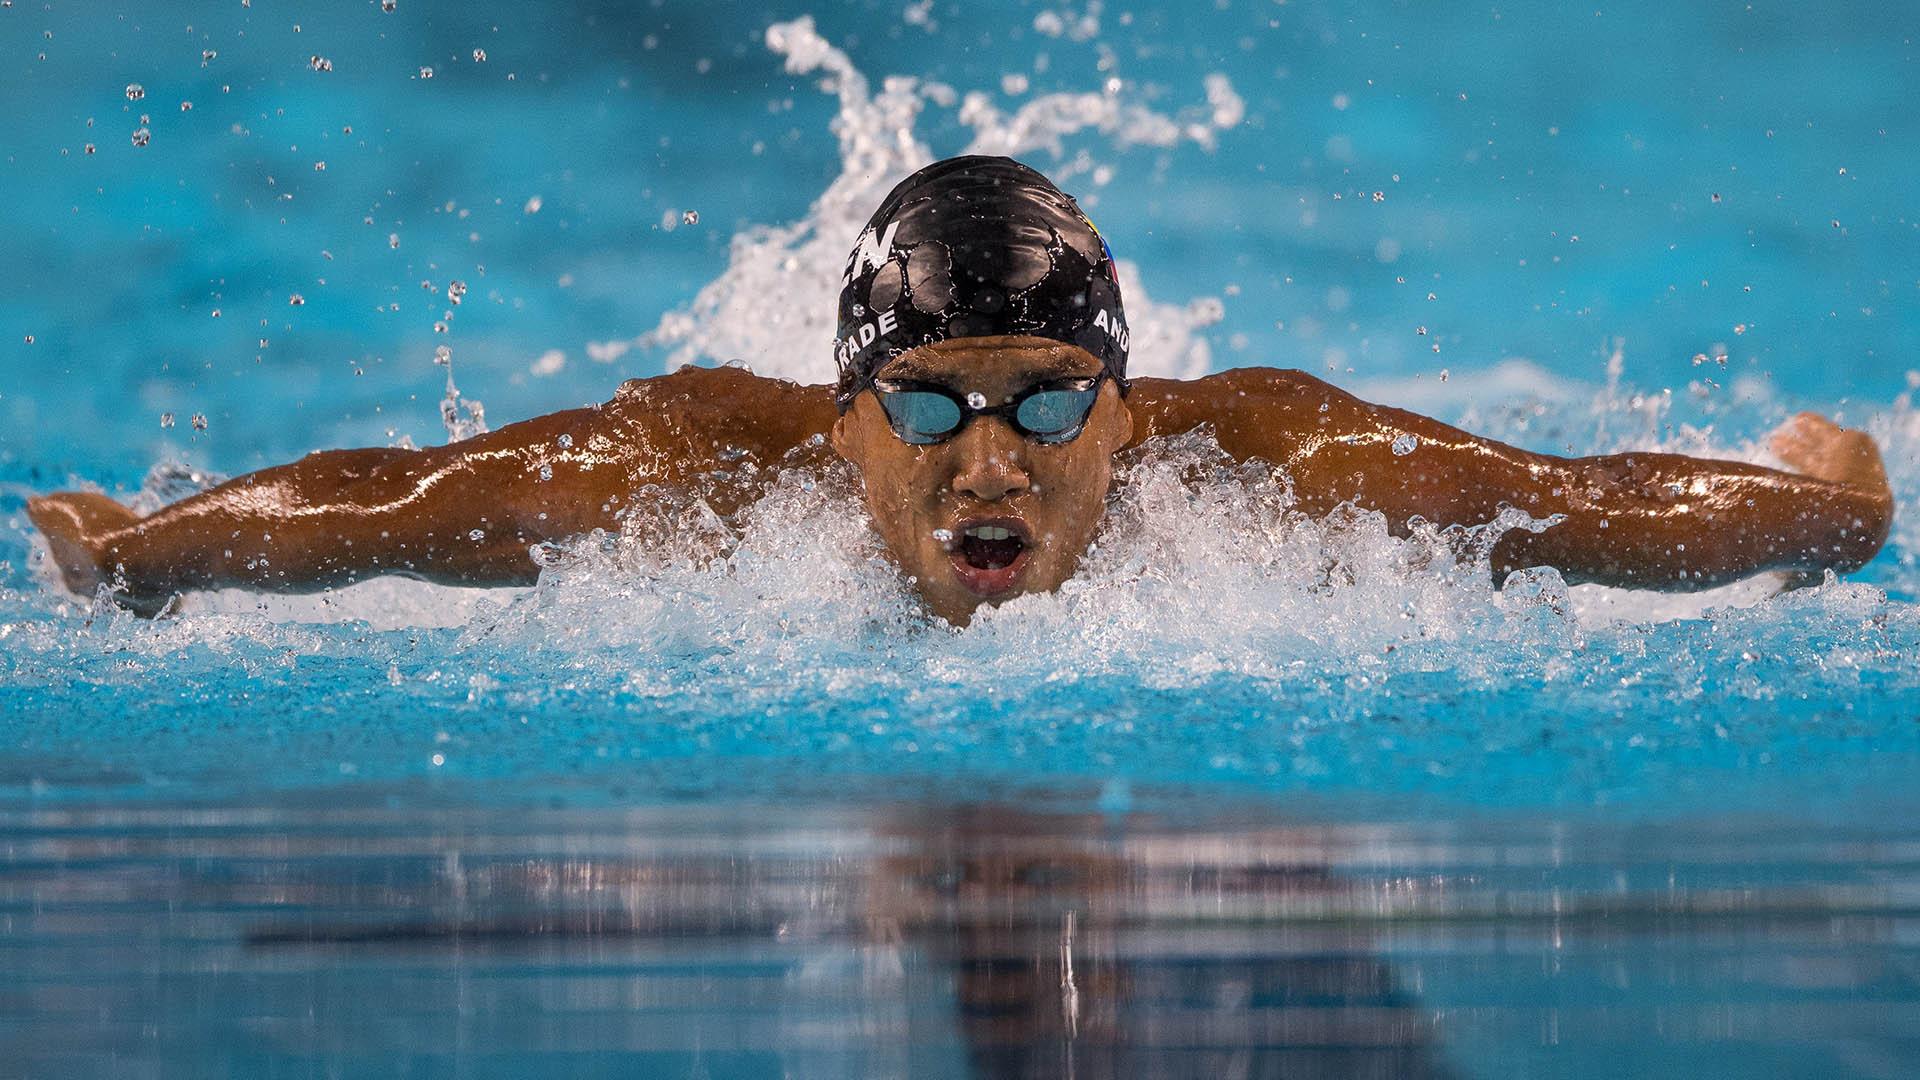 El venezolano Enrique Andrade compitió en los 200 metros masculinos en el acuario del parque olímpico